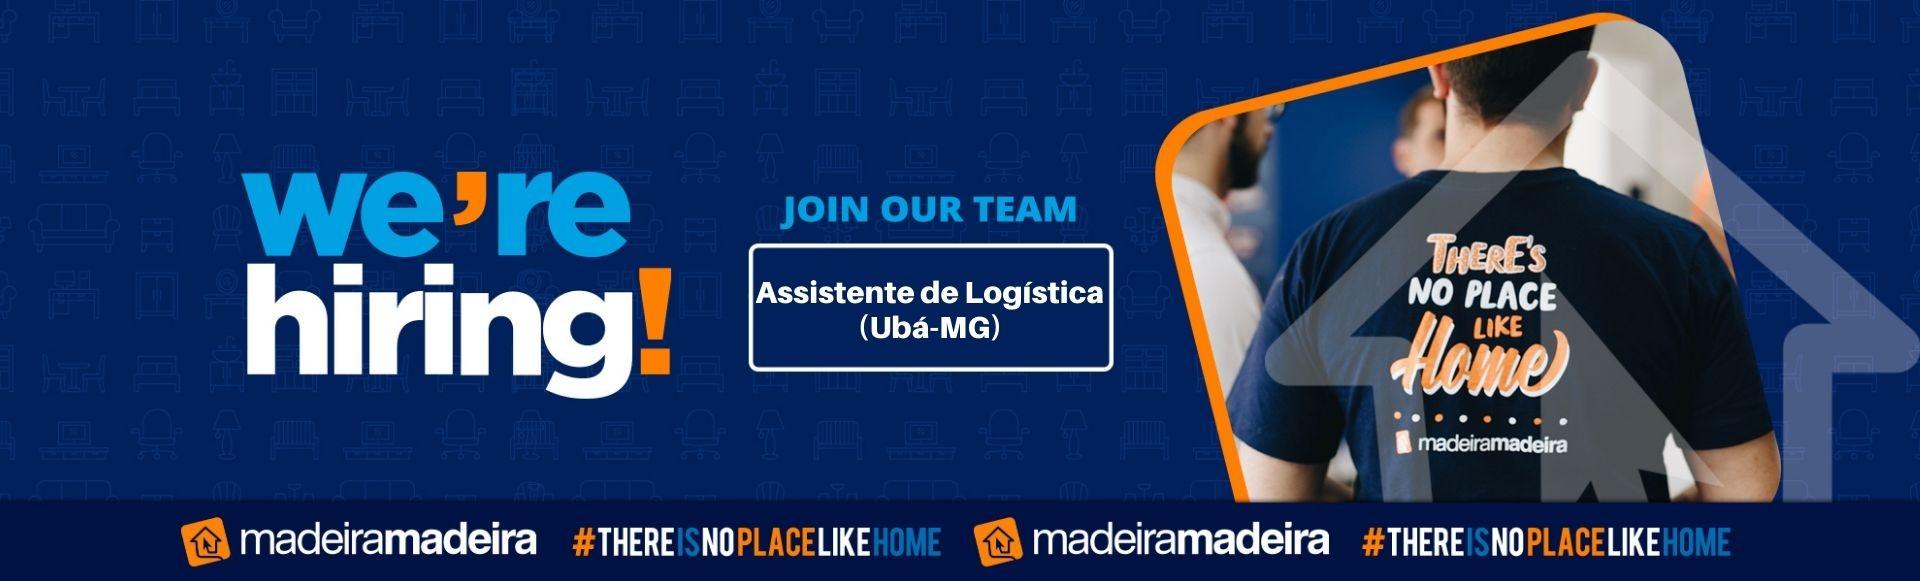 Assistente de Logística (Ubá-MG)